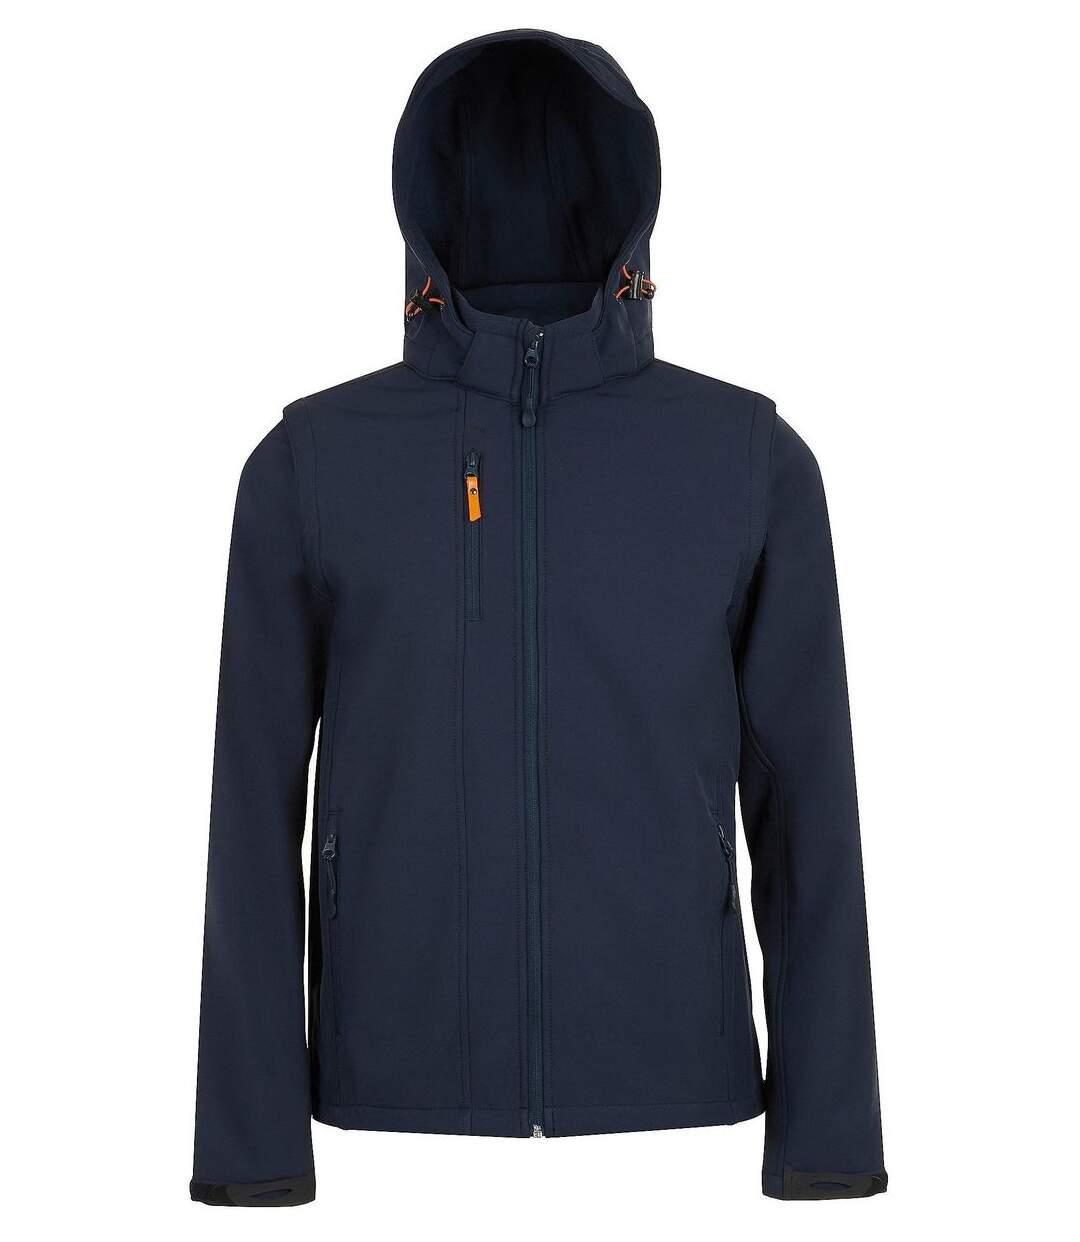 Veste softshell à capuche - manches amovibles - 01647 - bleu marine